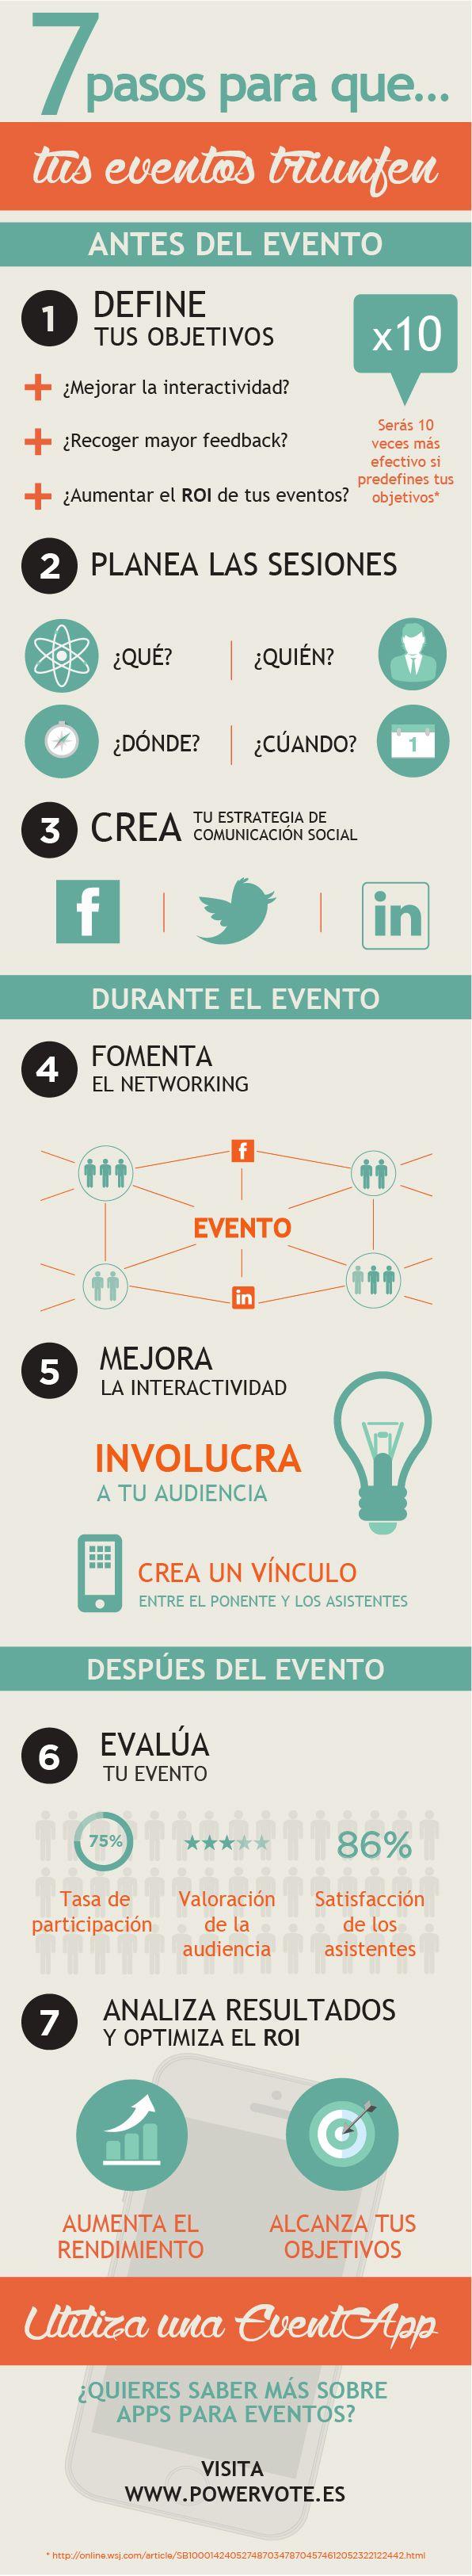 7 consejos para que tus eventos triunfen #infografia #infographic #marketing